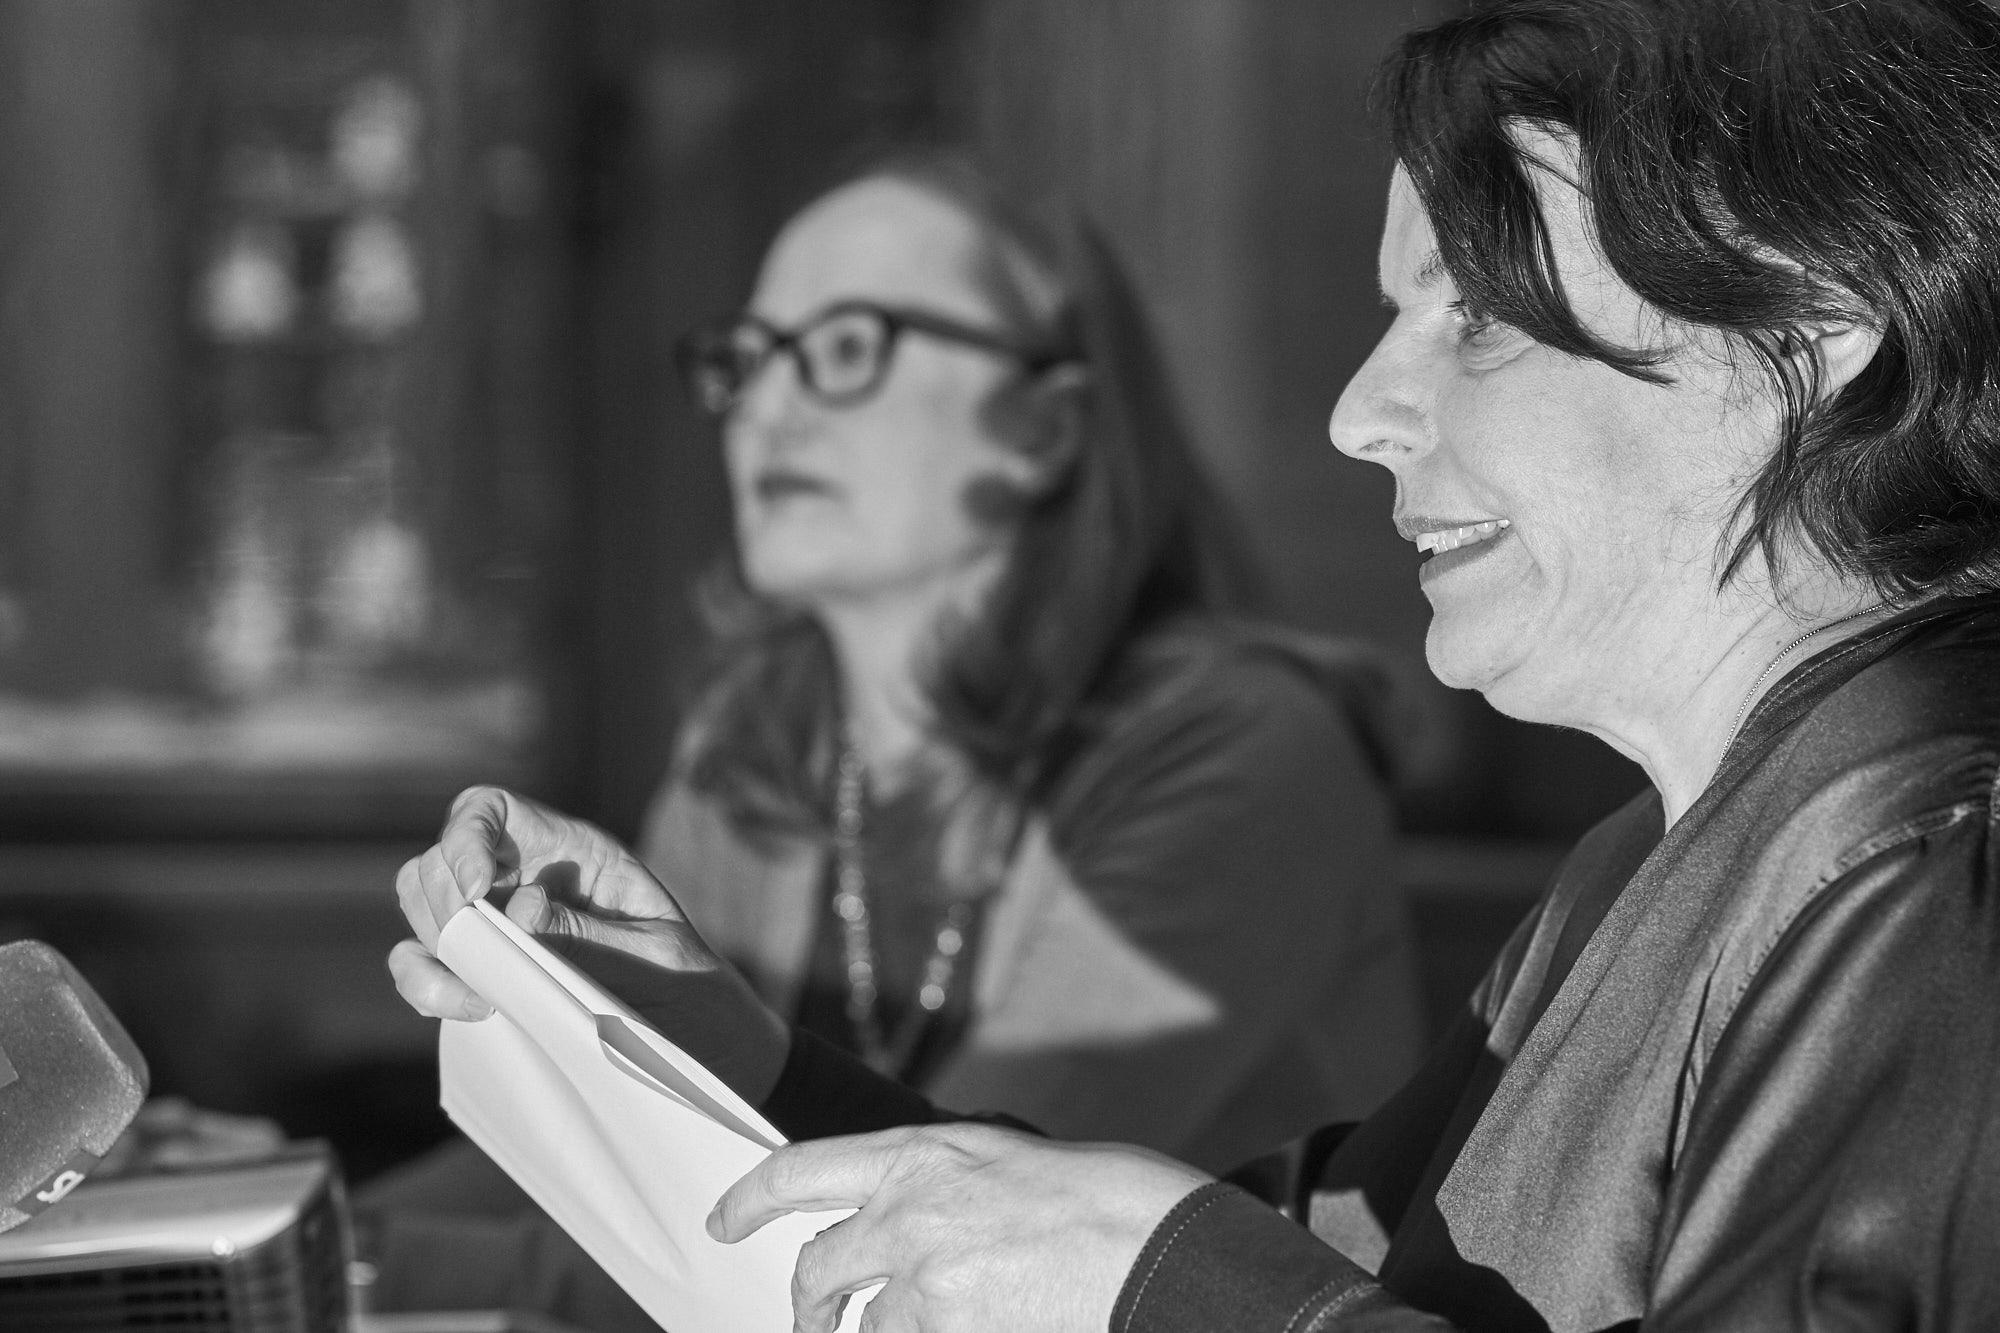 Regierungspräsidentin Elisabeth Ackermann und ihre Kultur-Co-Chefin Sonja Kuhn präsentieren die Museumsstrategie.